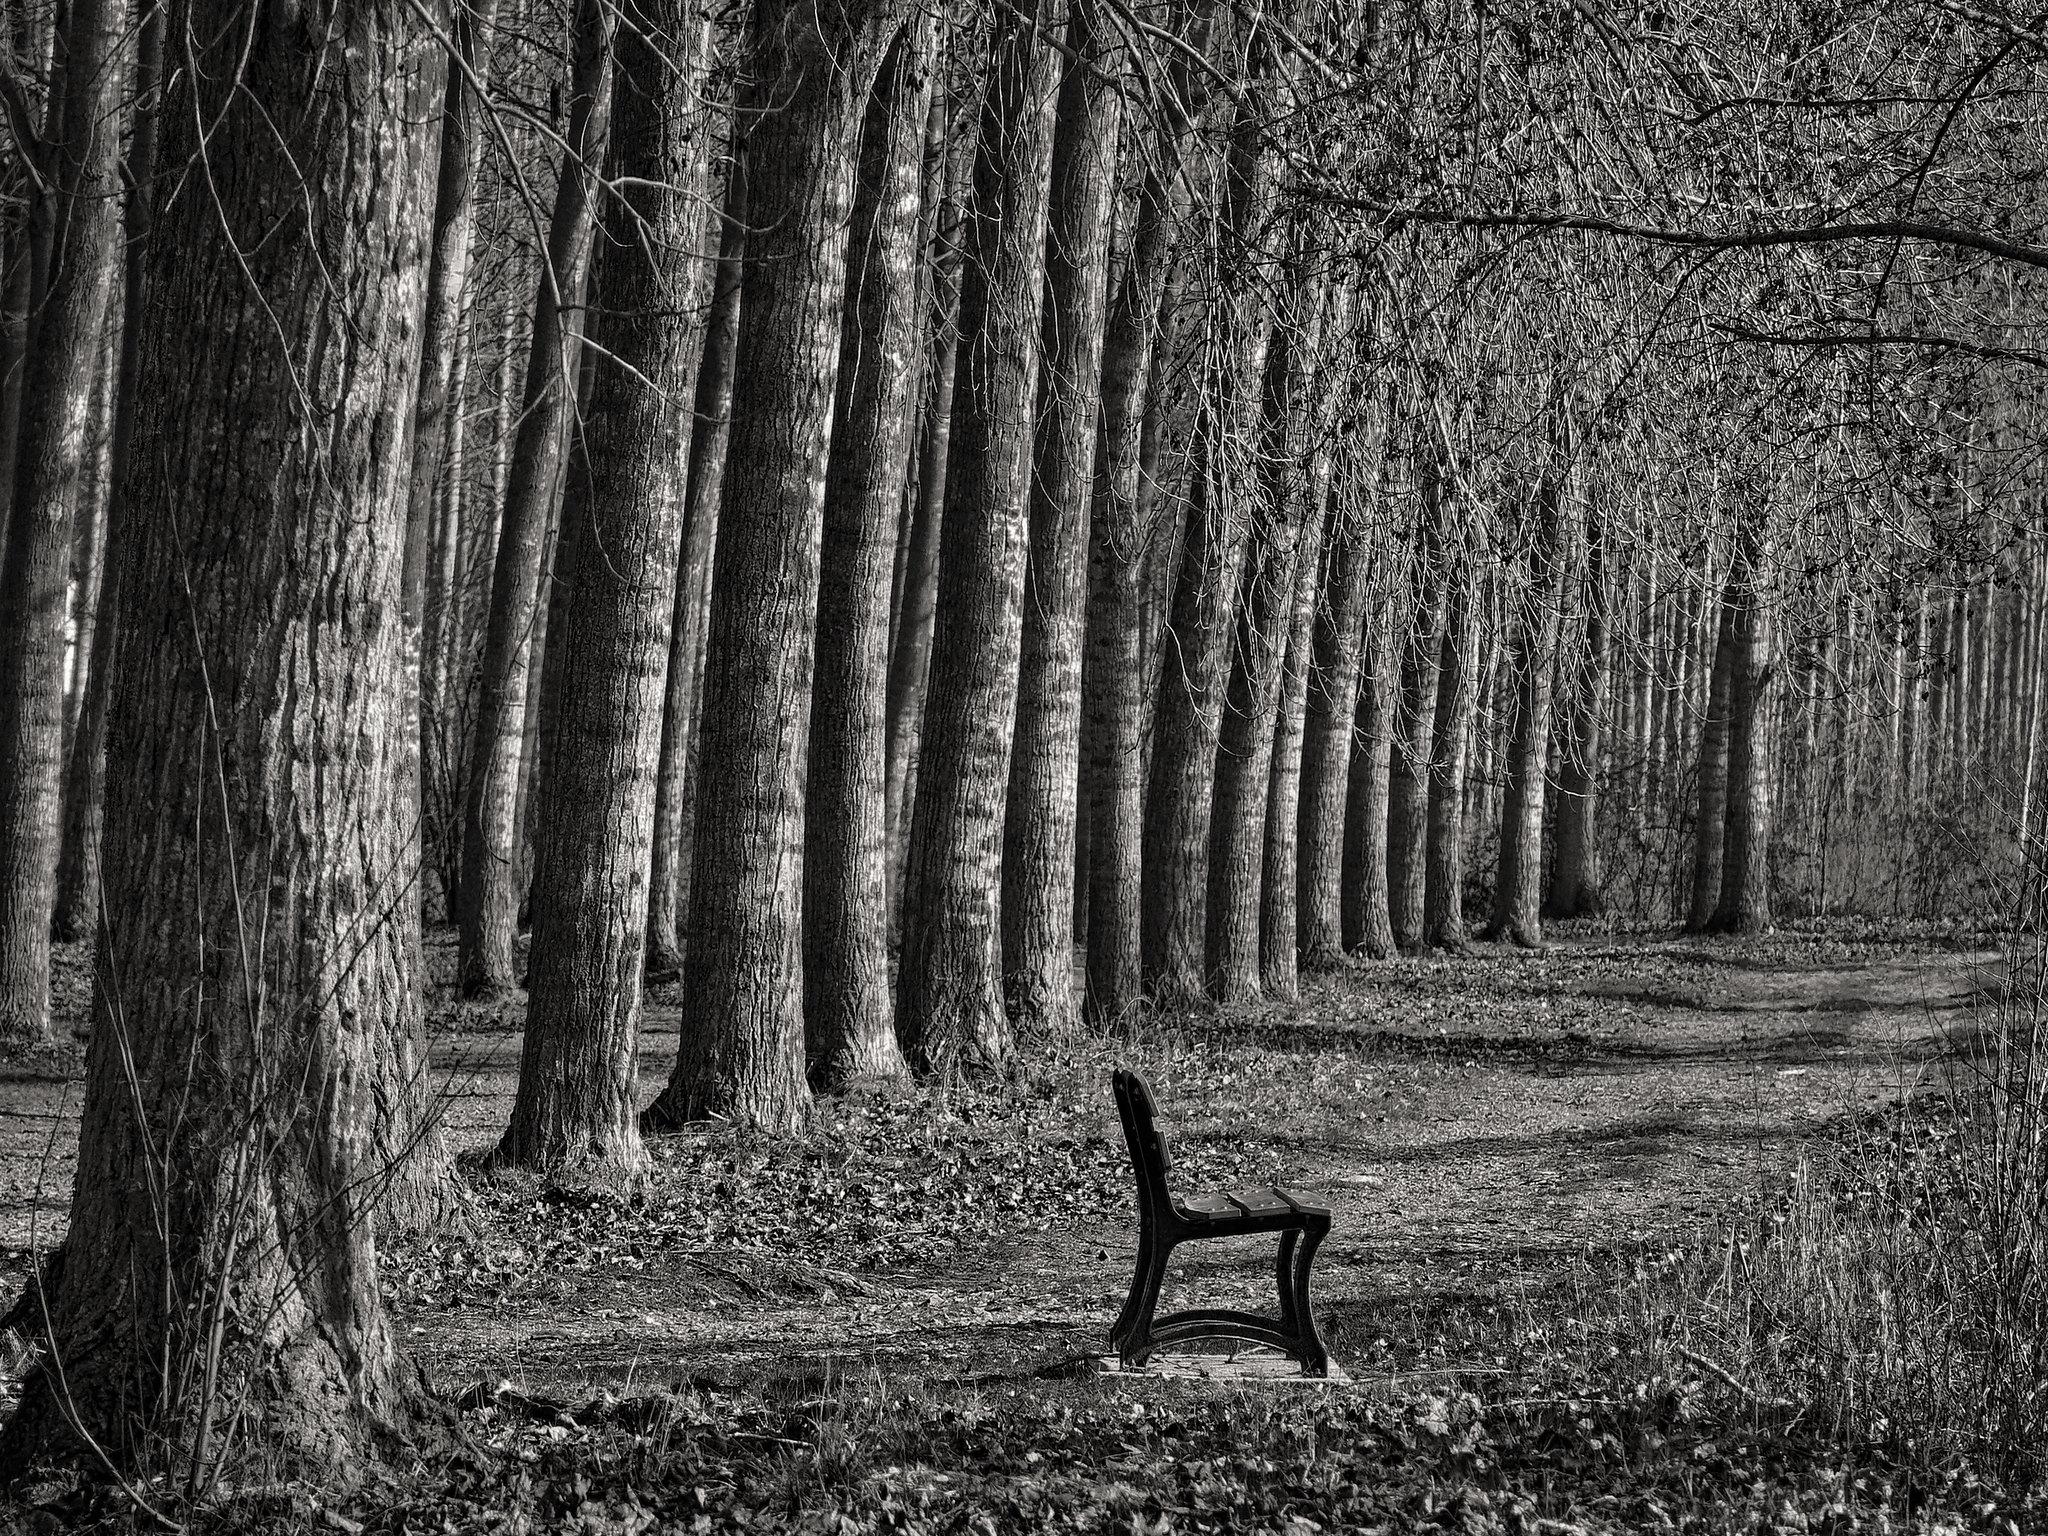 arbres-en-noir-et-blanc